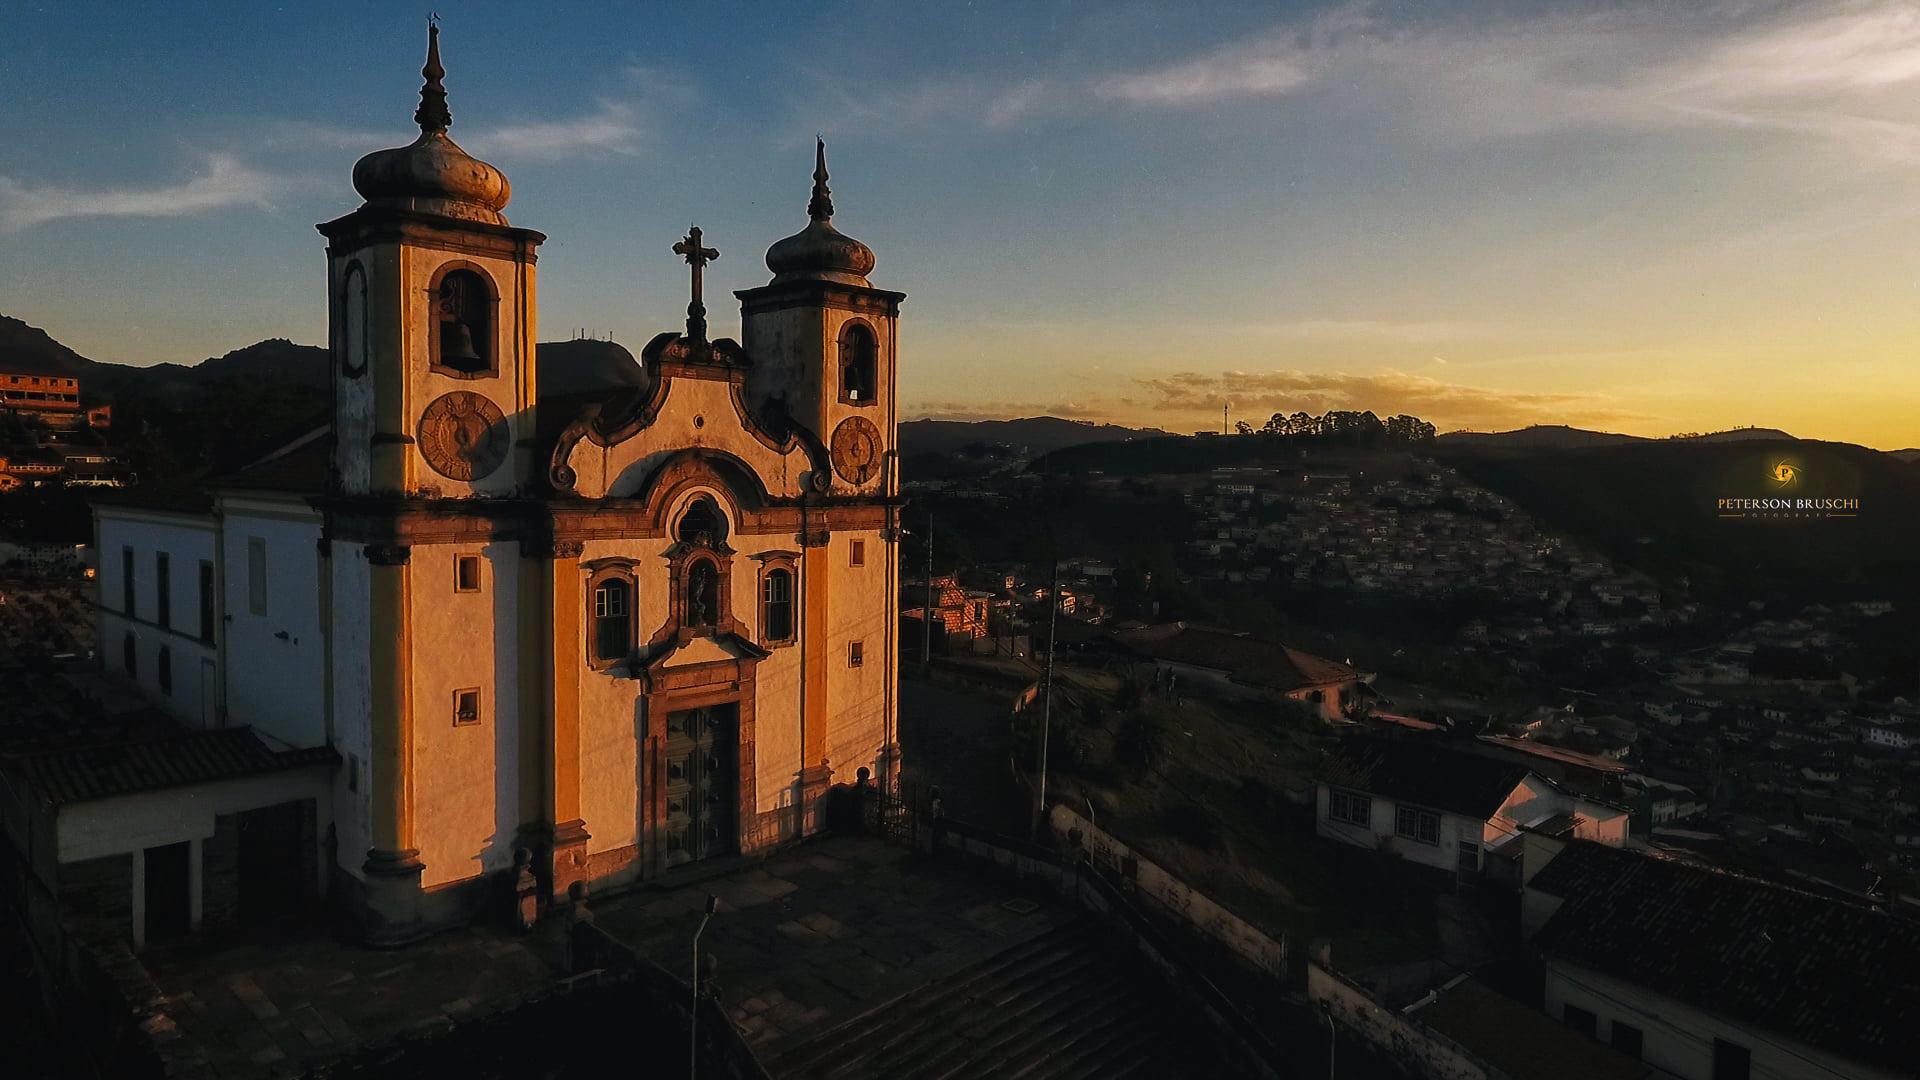 Previsão do tempo aponta possibilidade de chuva em Mariana e Ouro Preto no fim de semana (16 e 17/10)